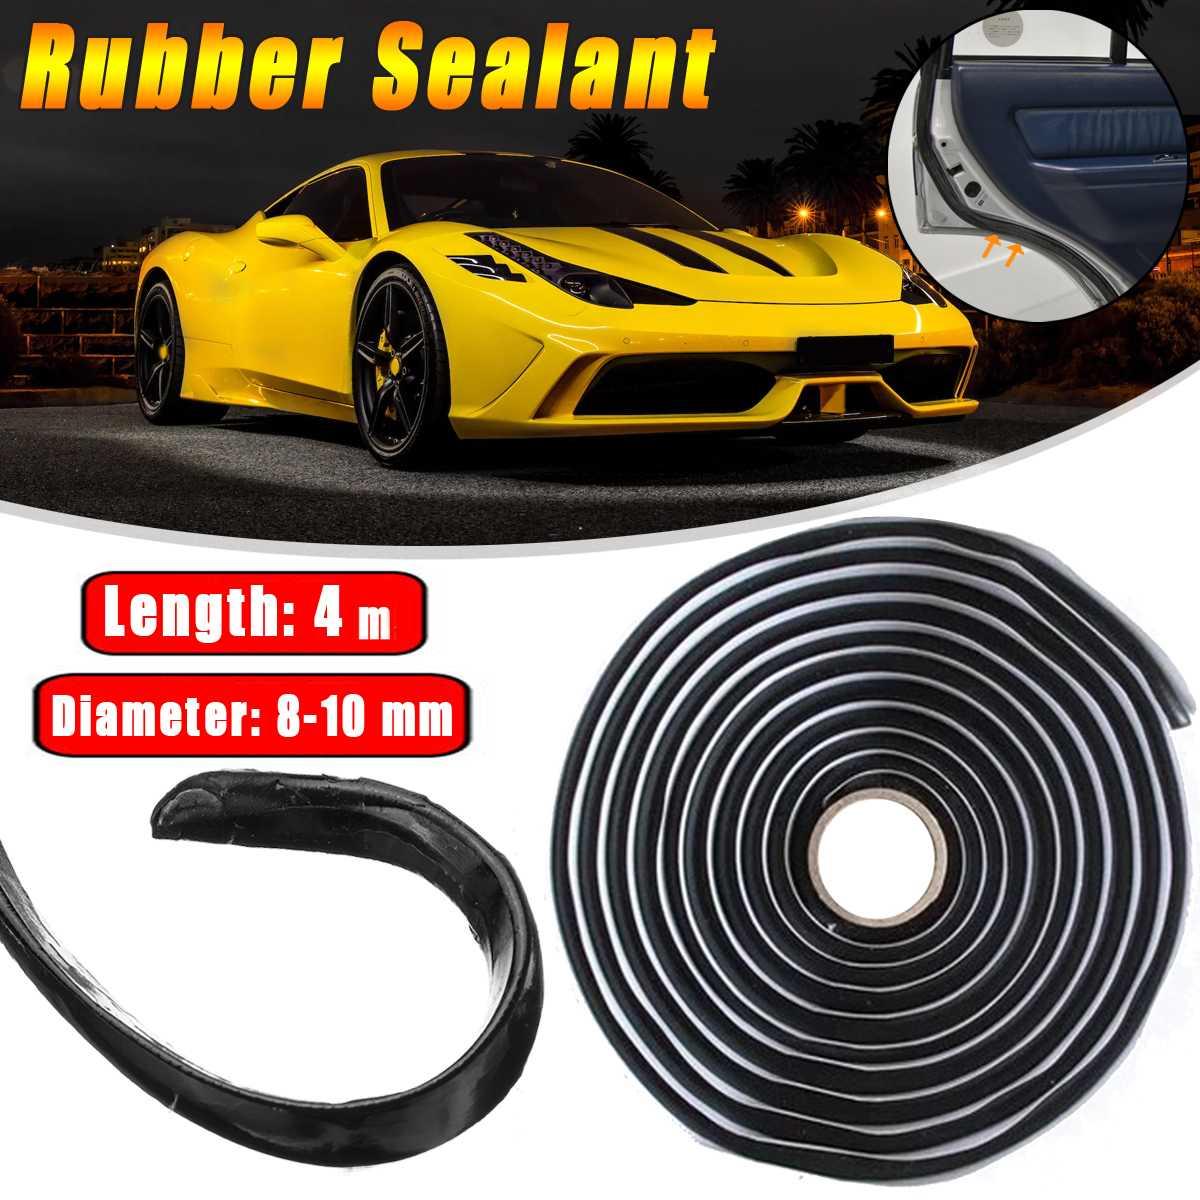 Резиновый герметик для автомобильных фар, резиновый герметик для фар дальнего света, 4 метра